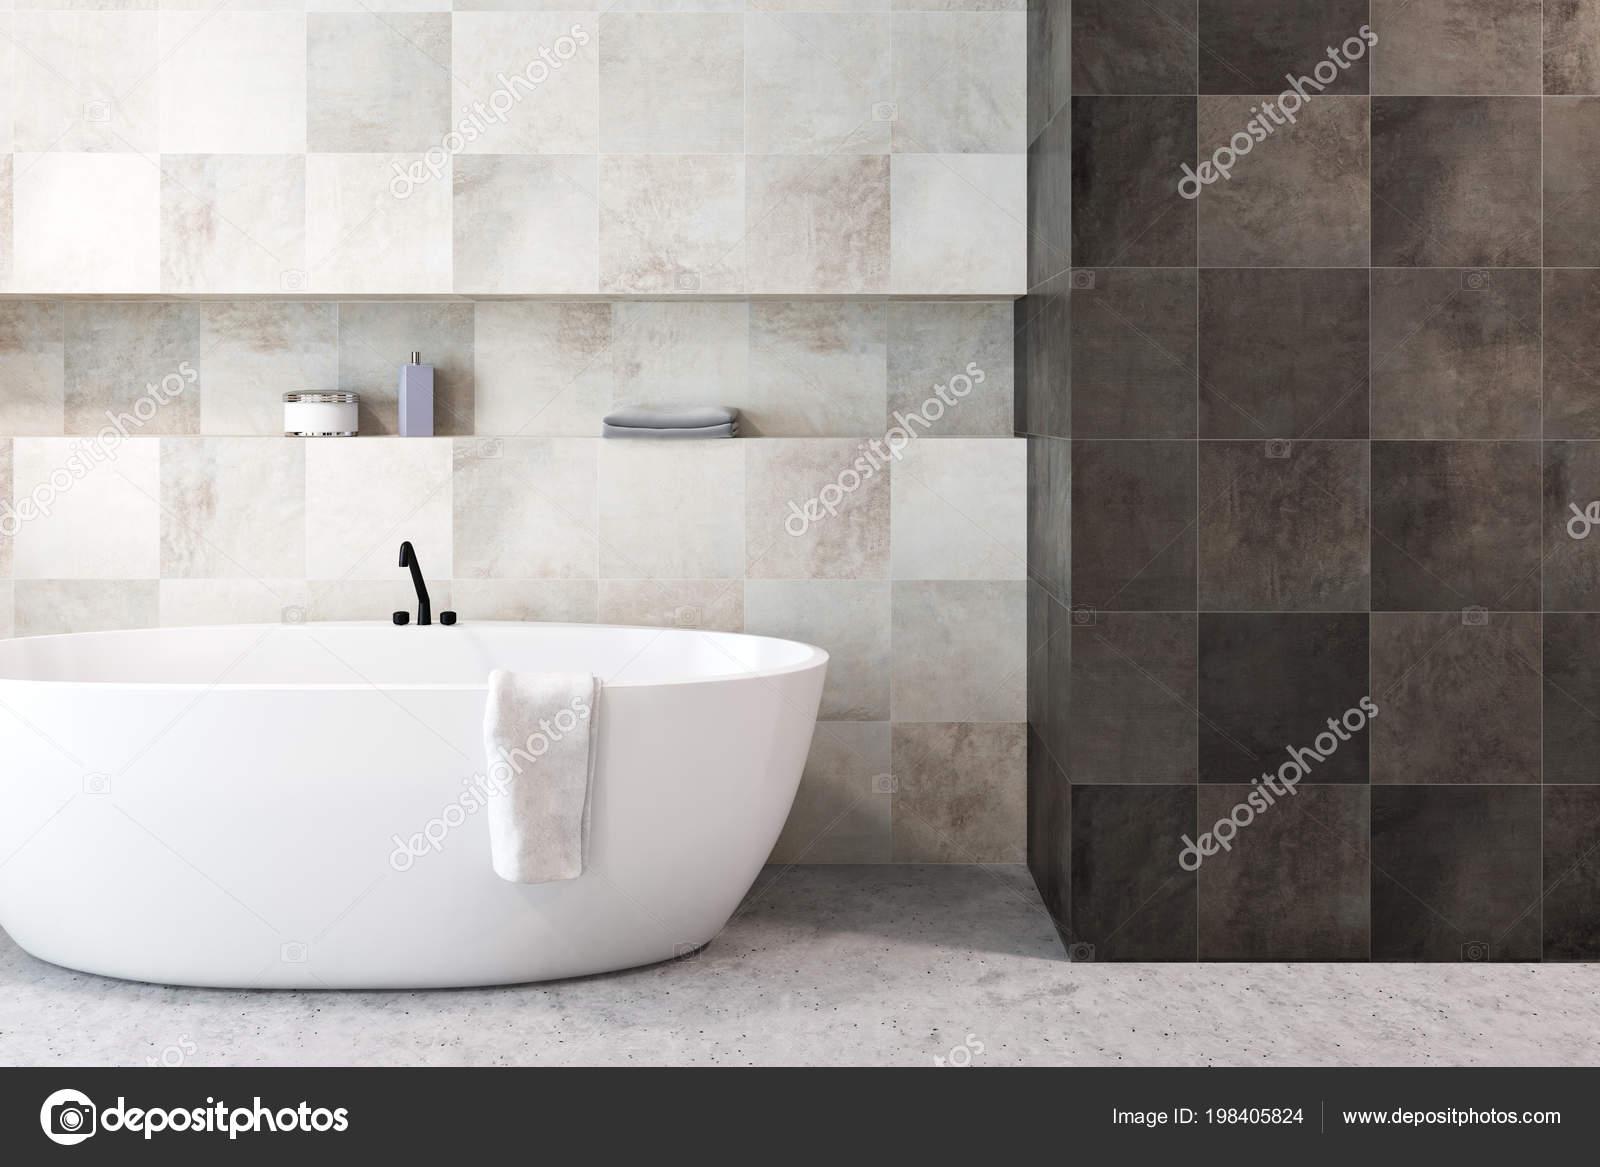 Baignoire Blanche Dans Intérieur Blanc Noir Salle Bain Moderne ...